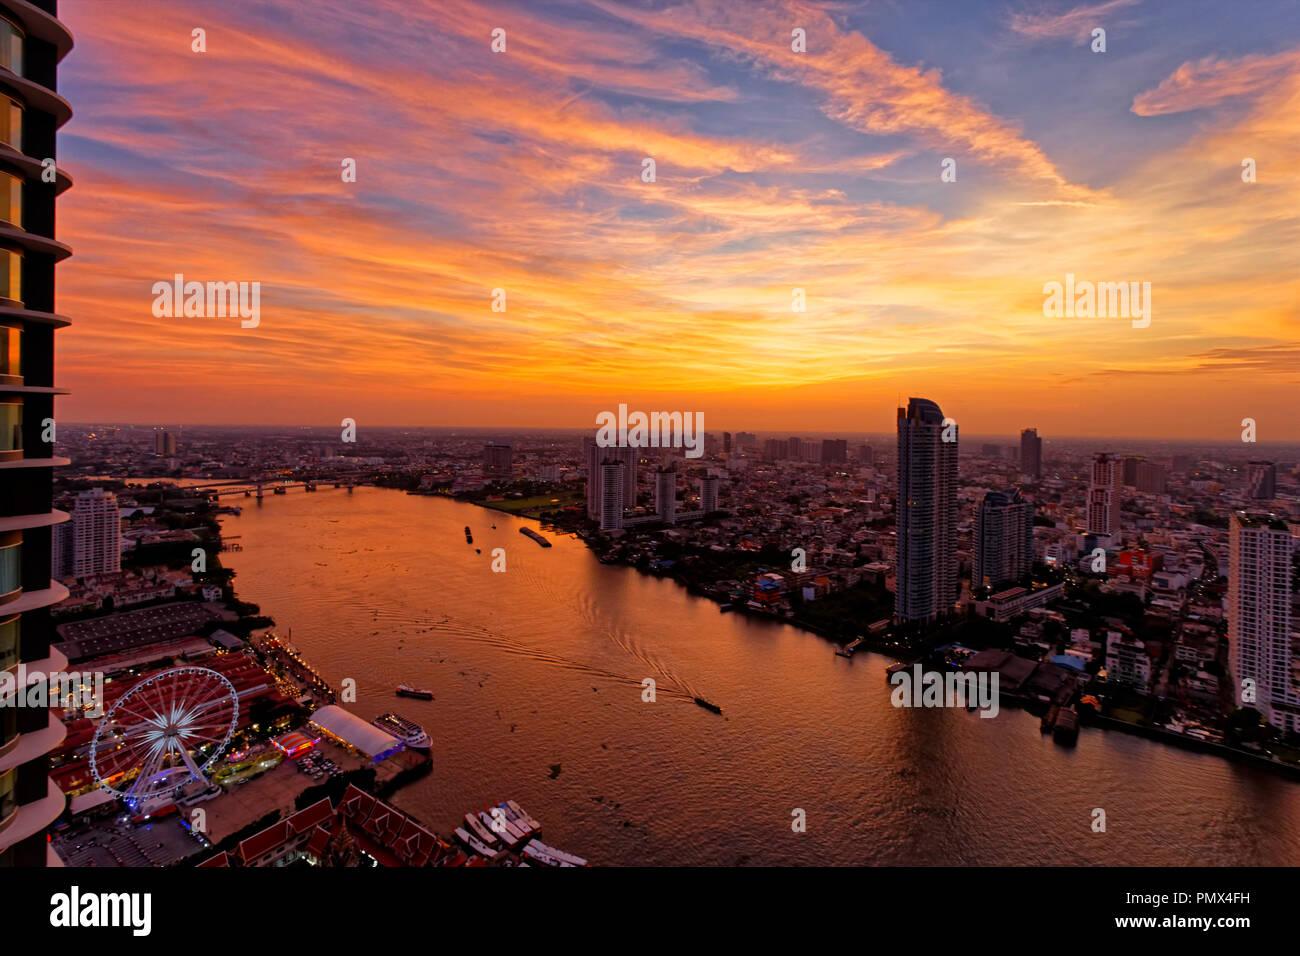 Amazing Sunset over Chao Praya River & Asiatique, Bangkok - Stock Image